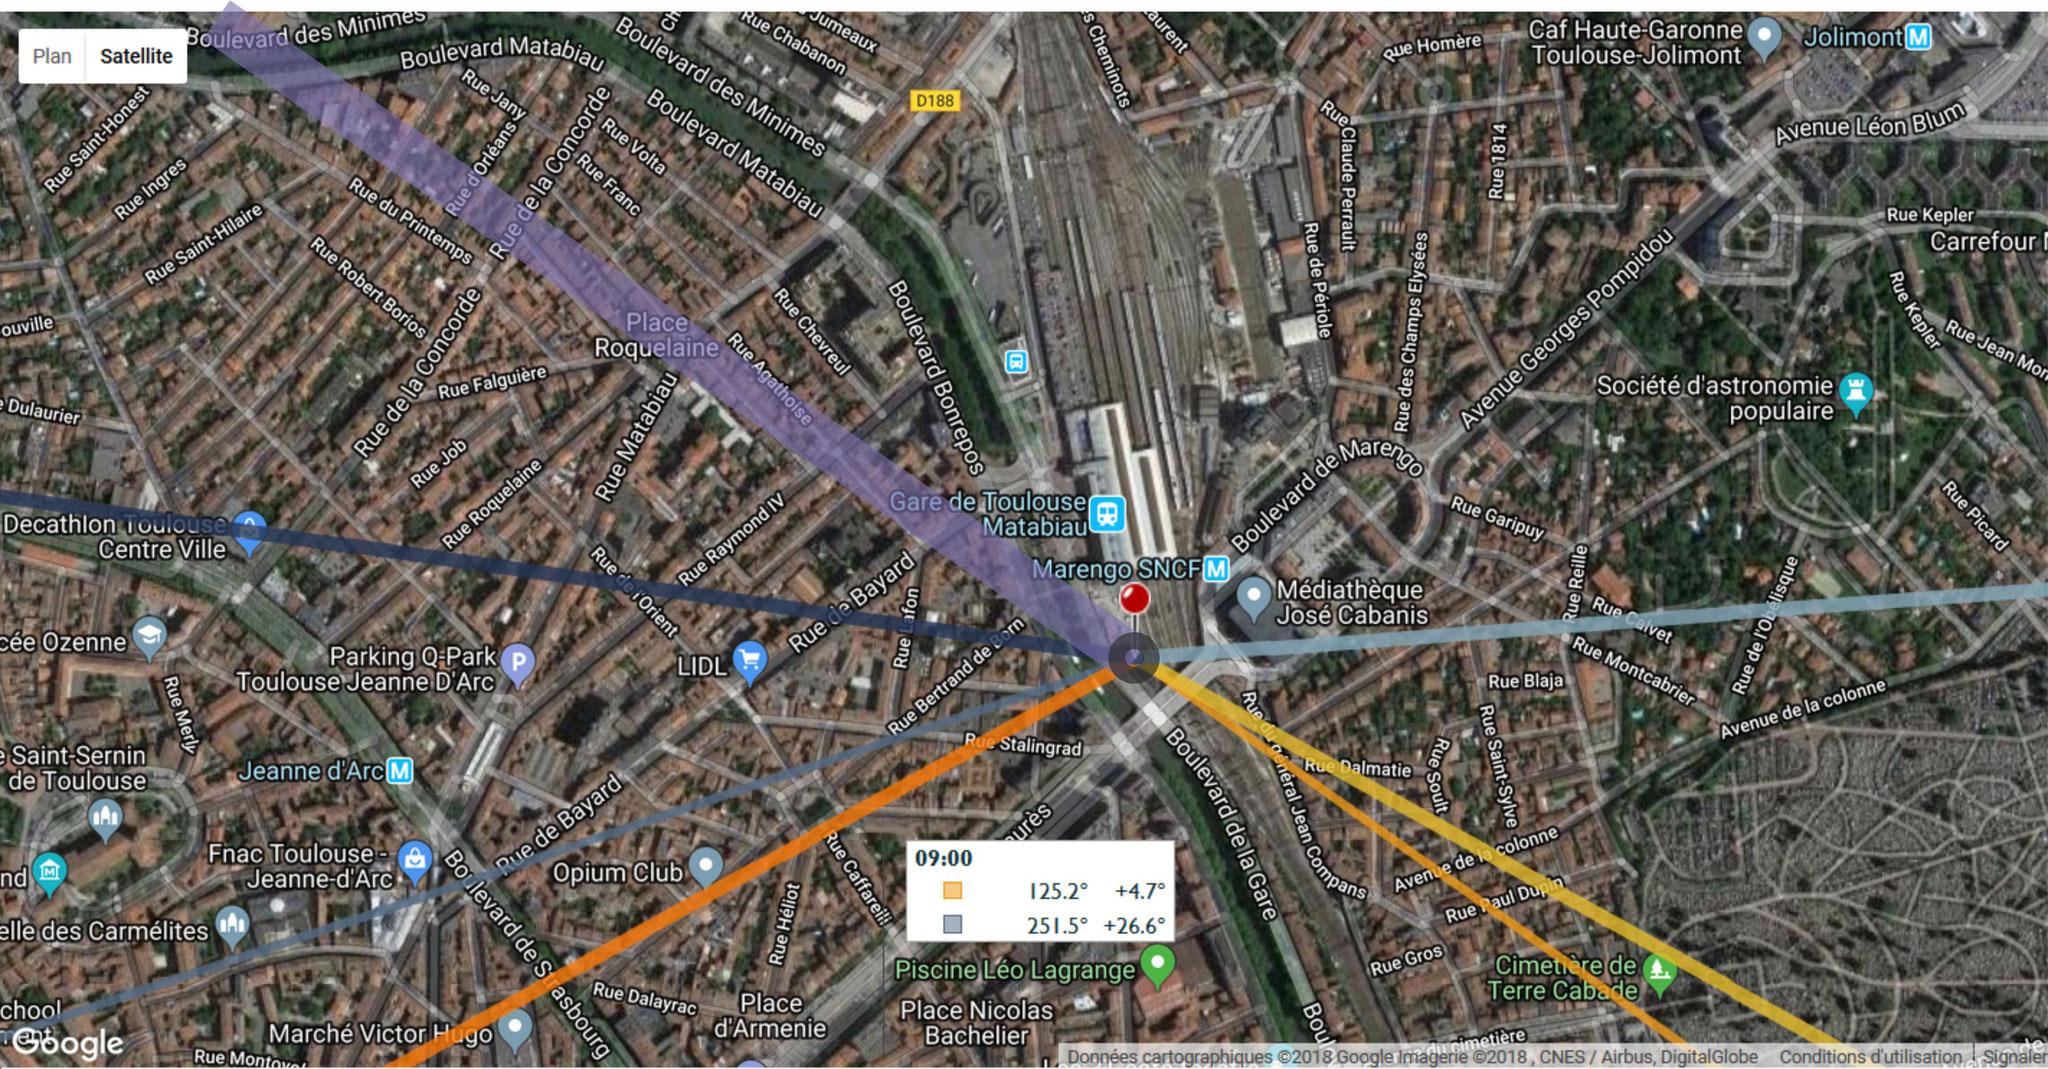 à 9h00, l'ombre, aussi large que la tour, devient plus consistante et sa longueur (1826m) sort des limites de la carte. Elle est passée sur la rue du Printemps et atteint Négreneys.